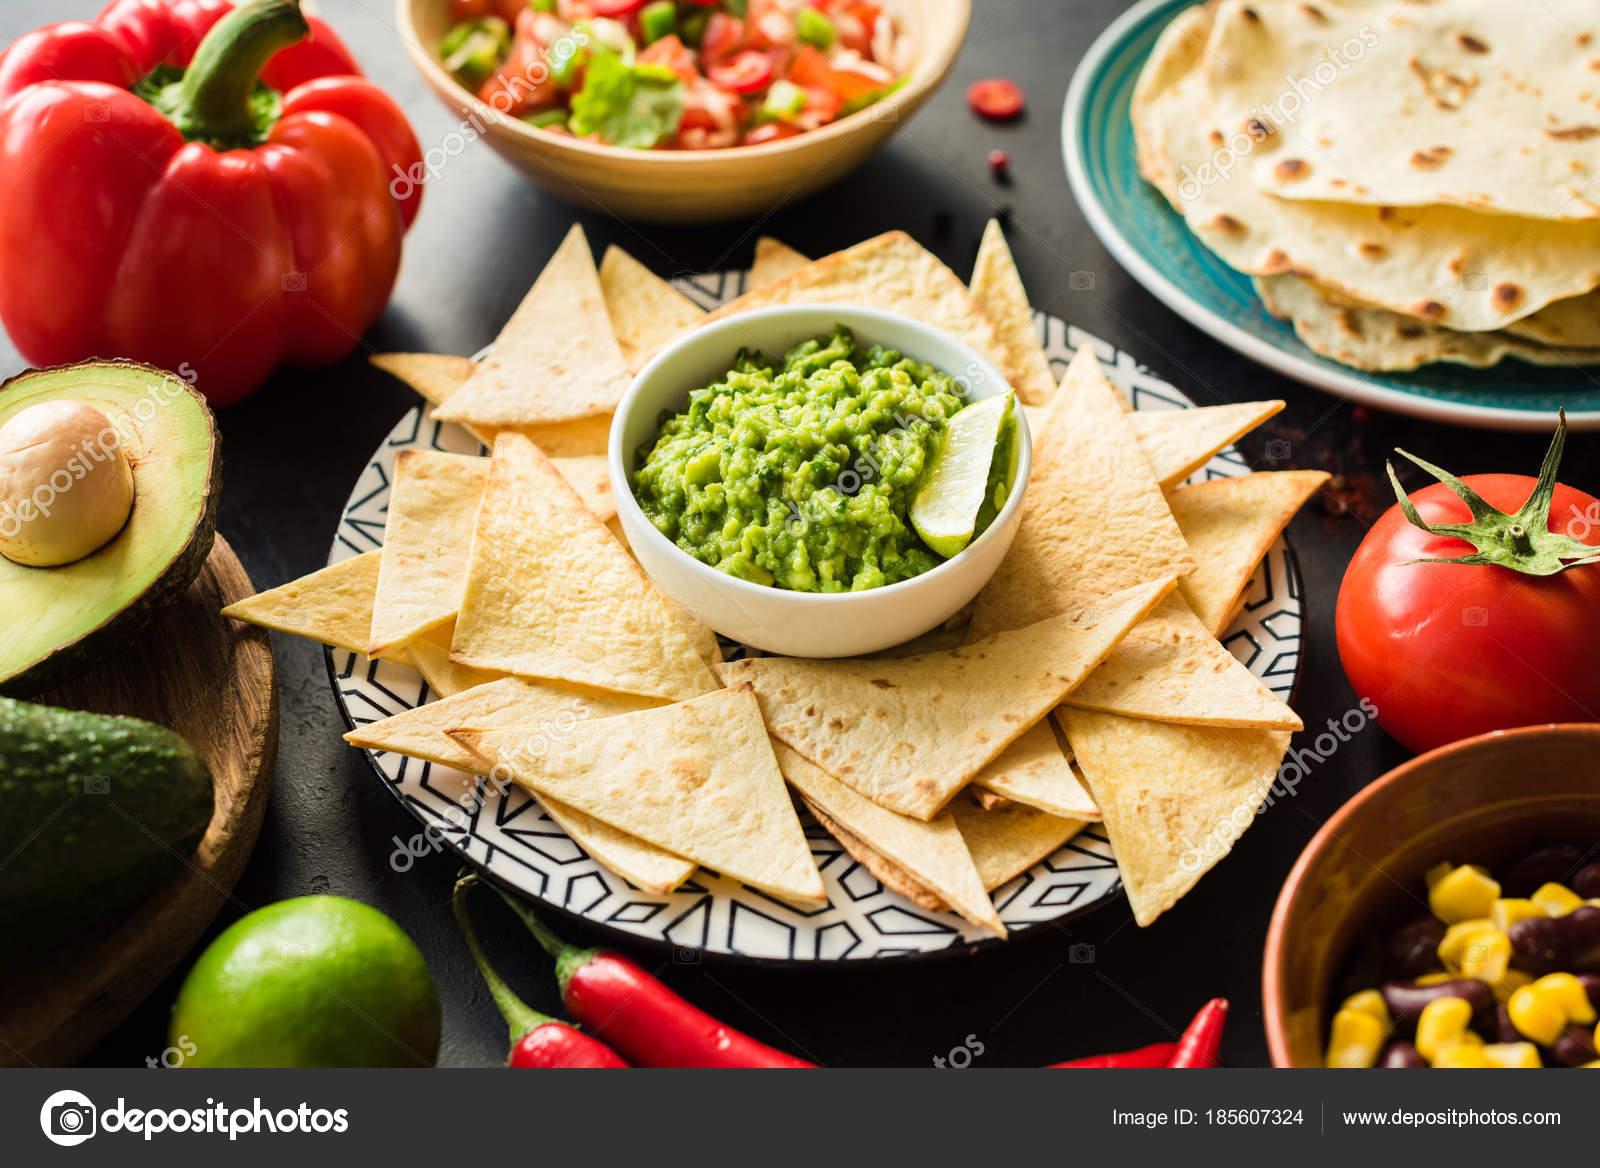 Meksykanskie Jedzenie Guacamole Nachos Tortilla Chips Salsy I Fasoli